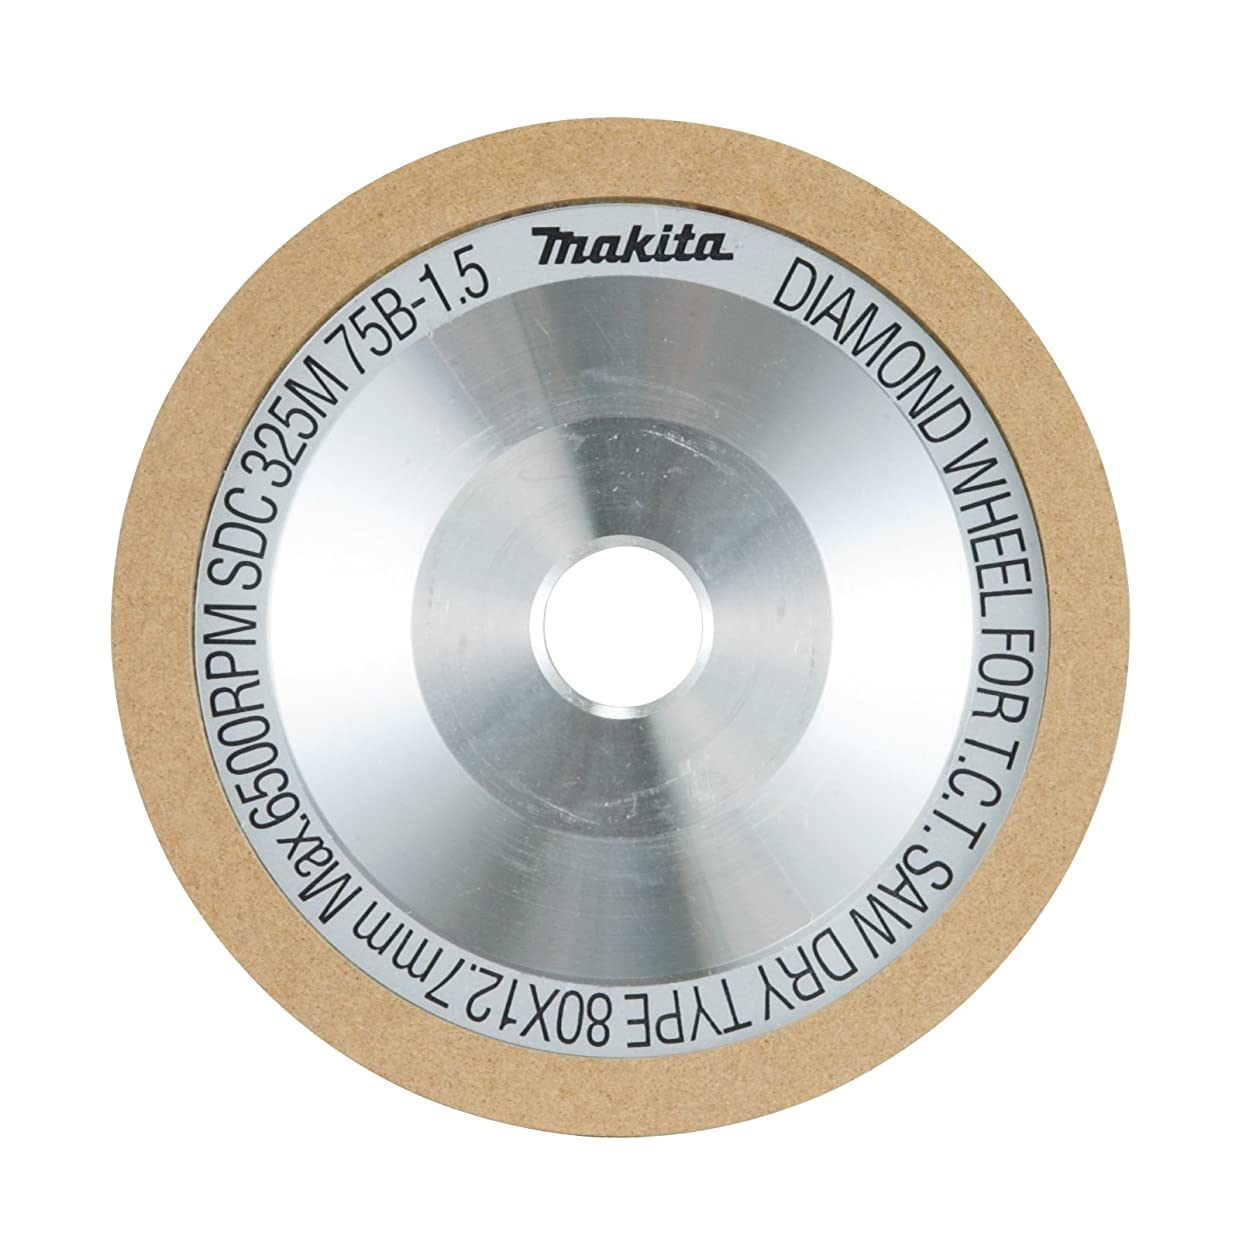 非公式政治家のパイントマキタ(Makita)  チップソー研磨機用ダイヤモンドホイール粒度325N A-17251 外径80